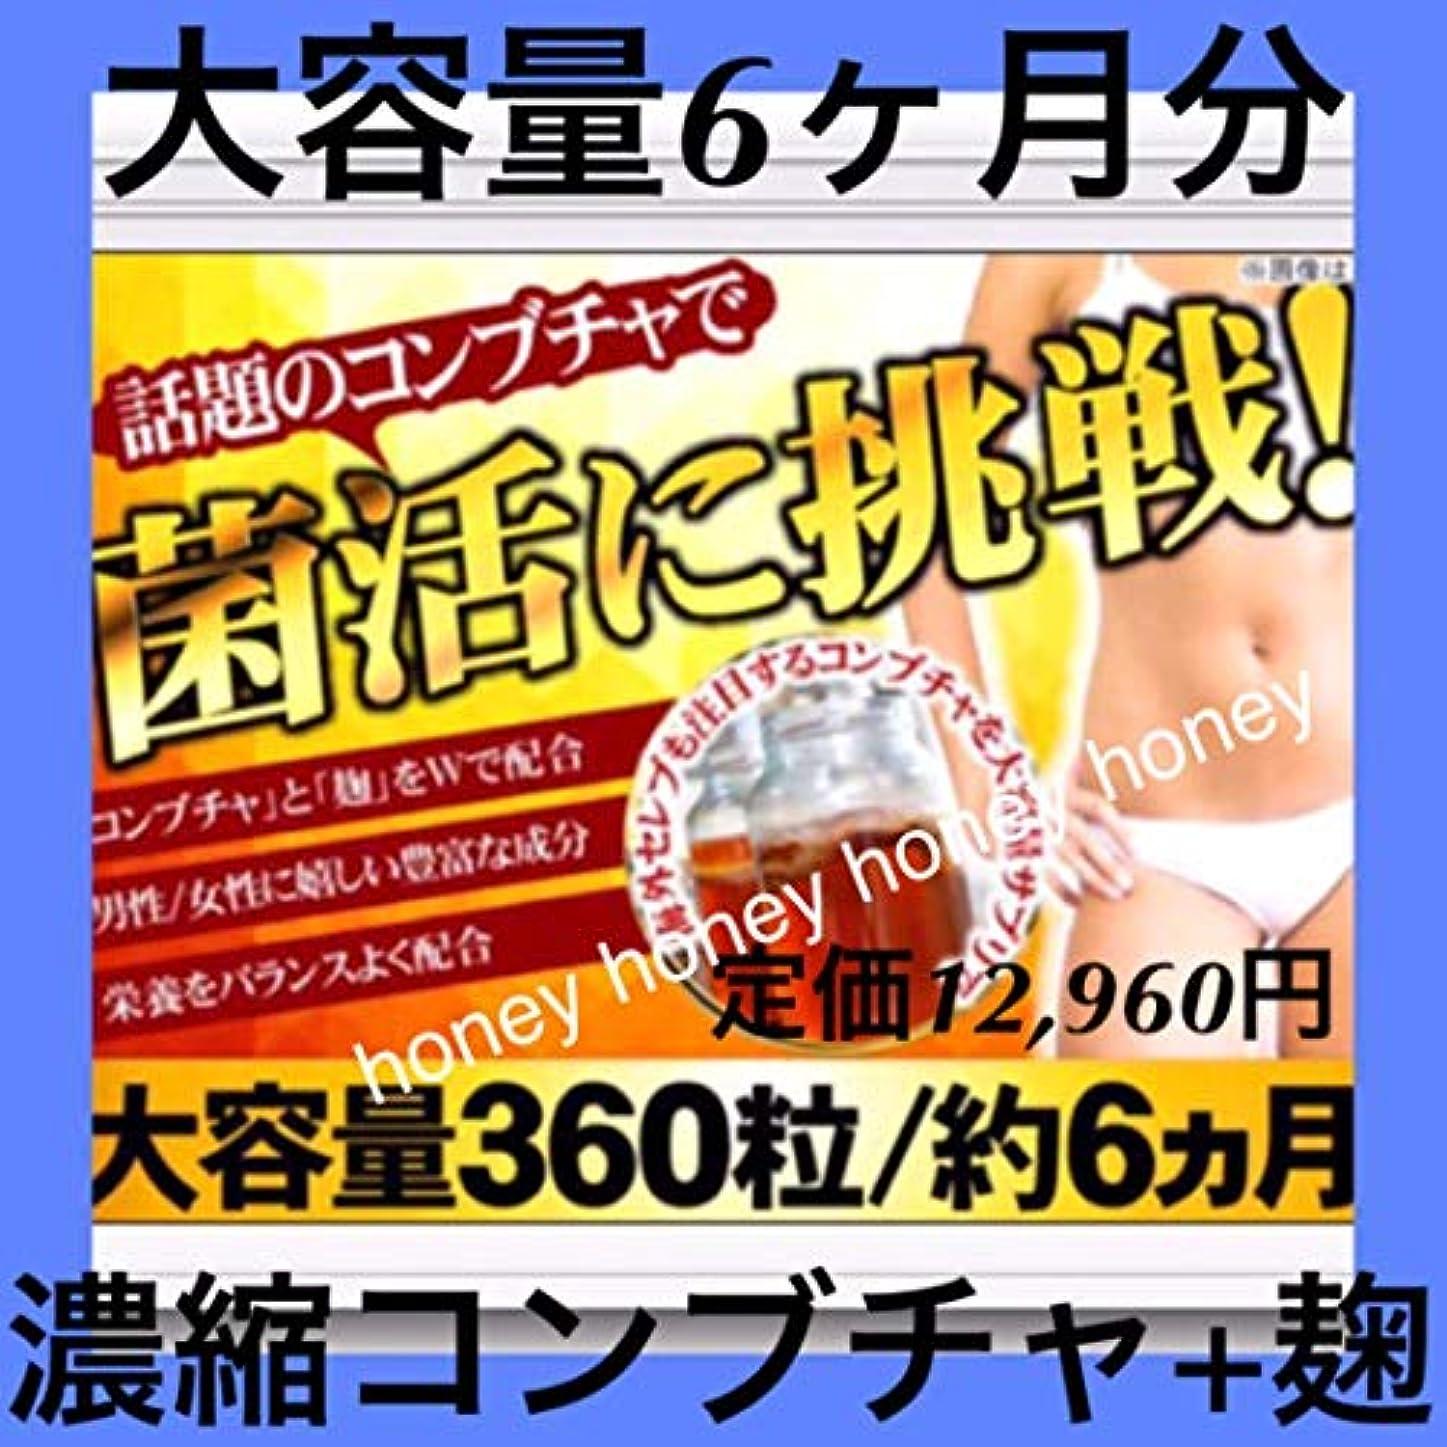 ストライプ大胆歴史的大容量6ヶ月定価12,960円??濃縮コンブチャ菌活スリム ダイエット??